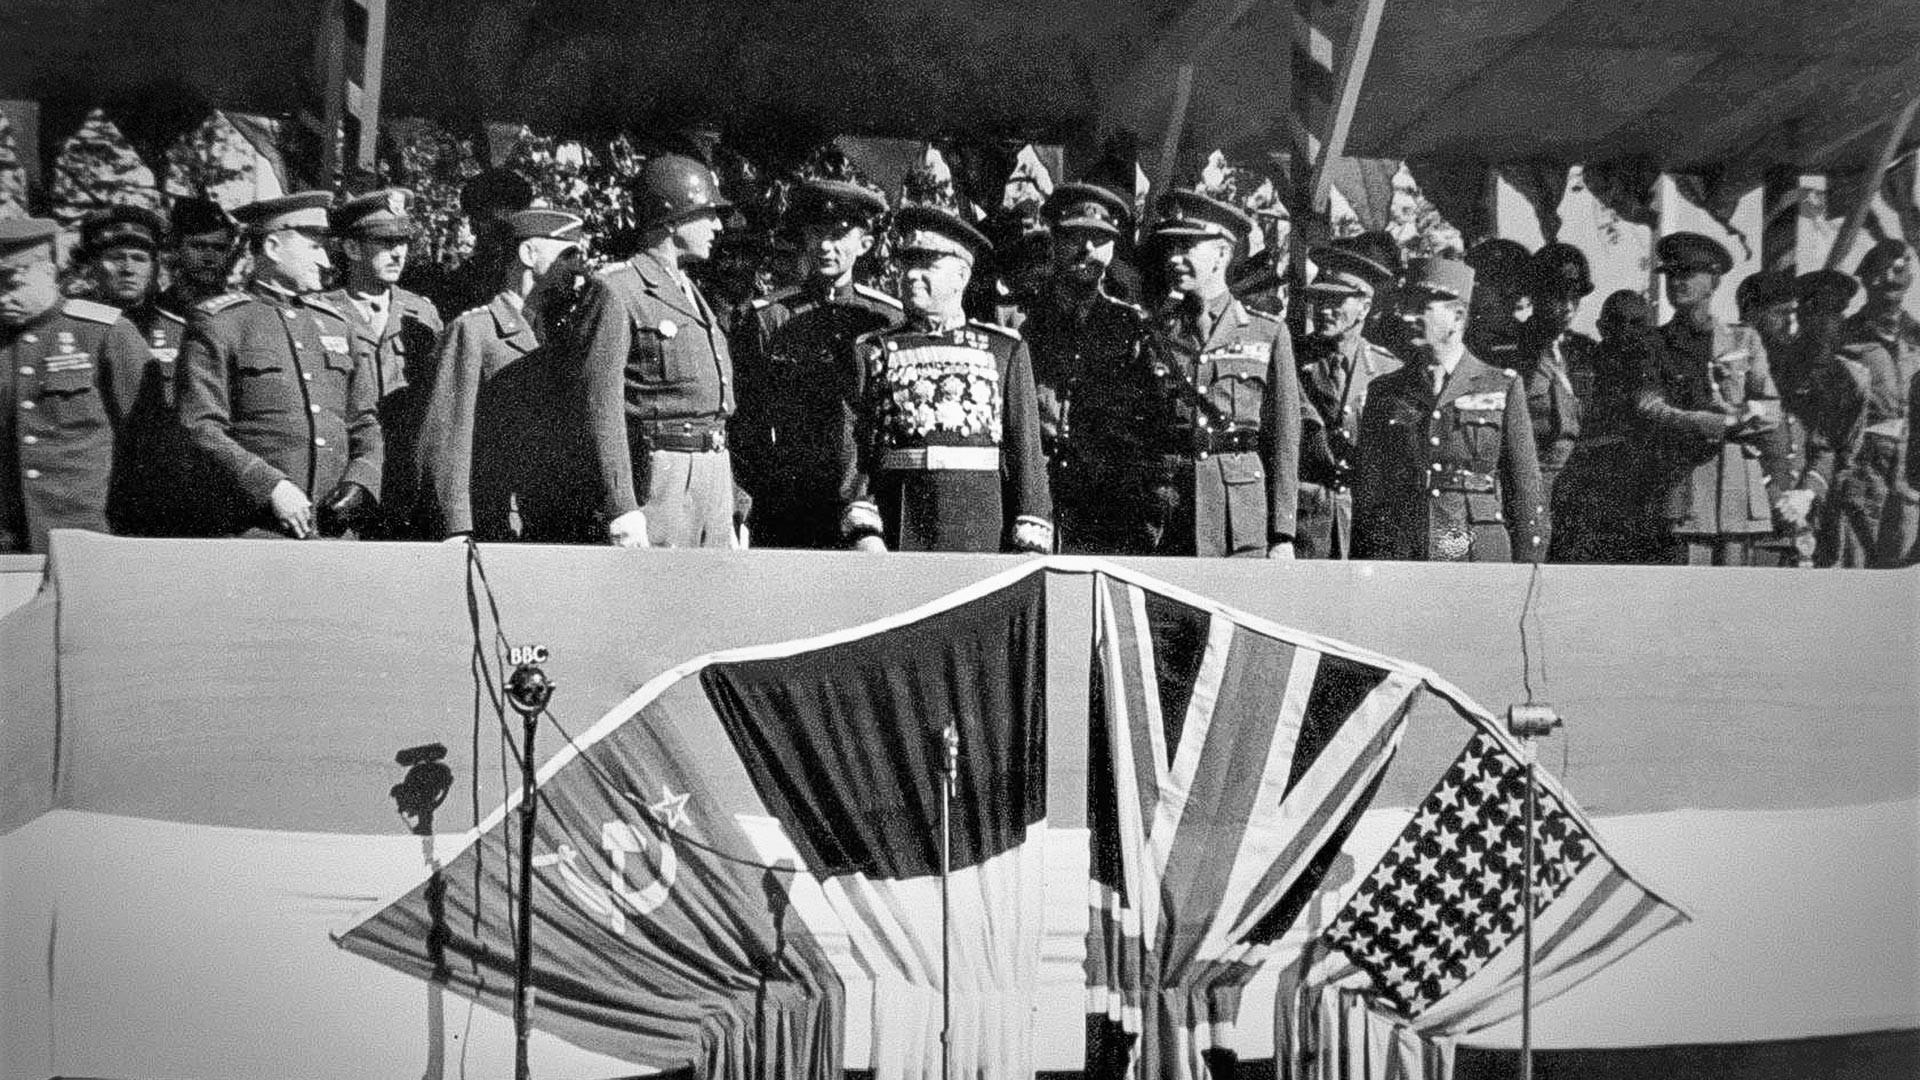 Генерал армии США Джордж Паттон, Маршал Советского Союза Георгий Жуков, генерал-майор армии Великобритании Брайан Робертсон, генерал армии Французской Республики Мари-Пьер Кёниг.